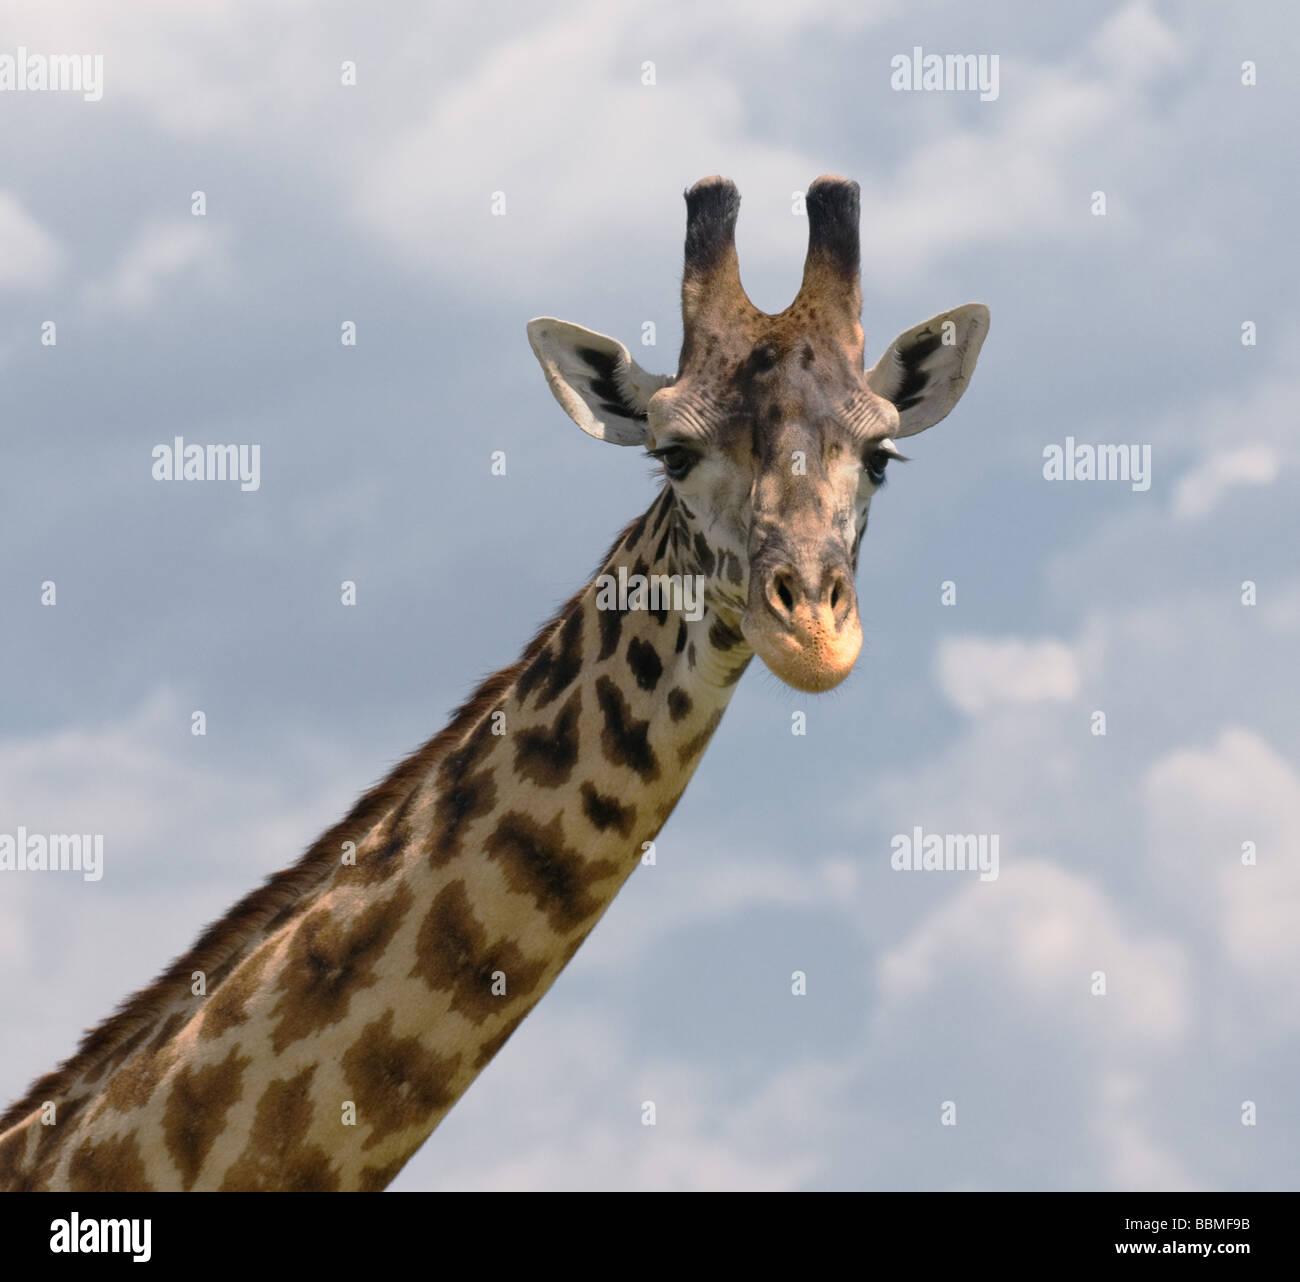 Cabeza de jirafa sobre cielo azul Imagen De Stock